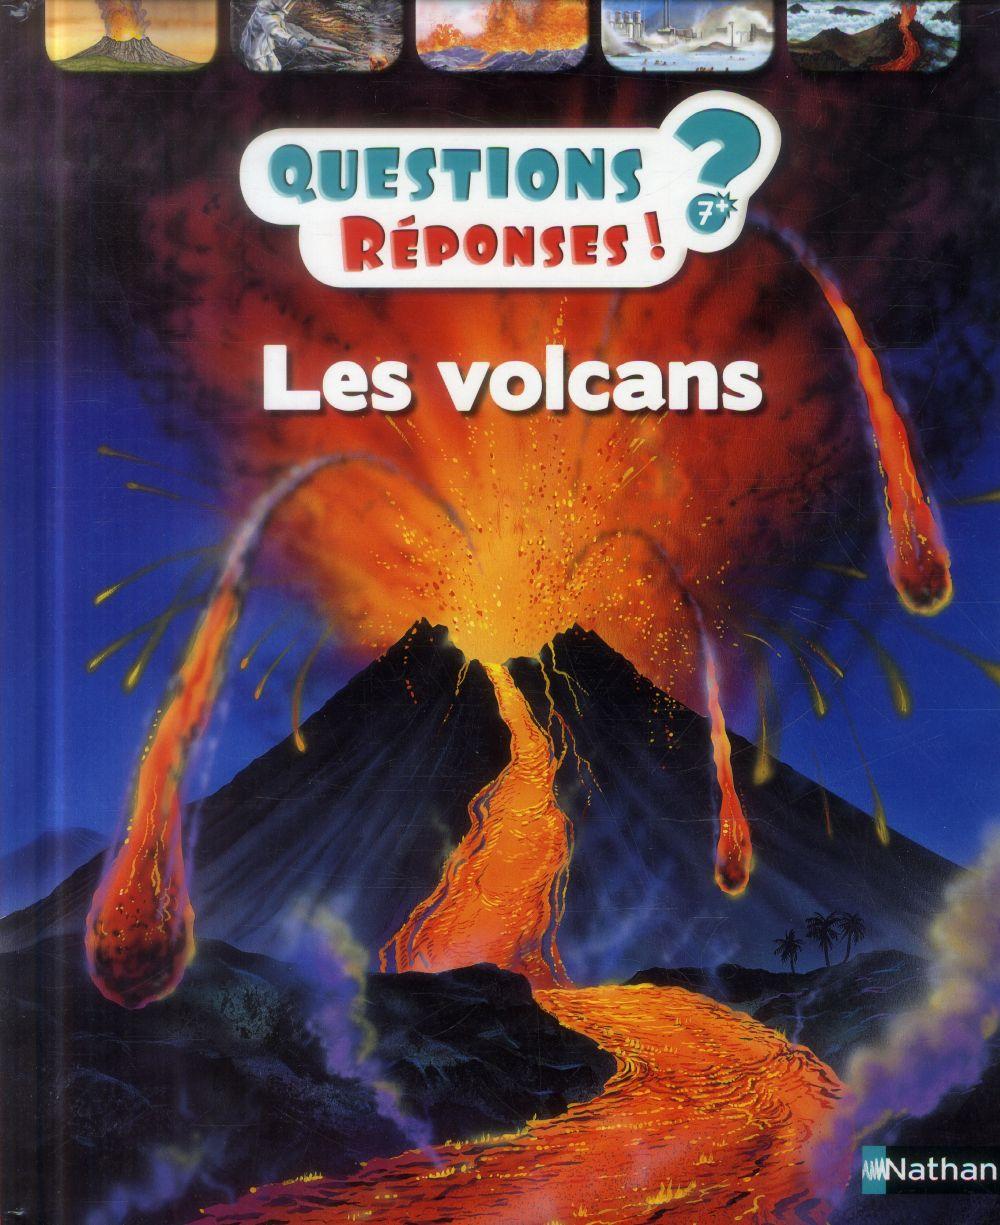 Questions reponses 7+ T.17 ; les volcans